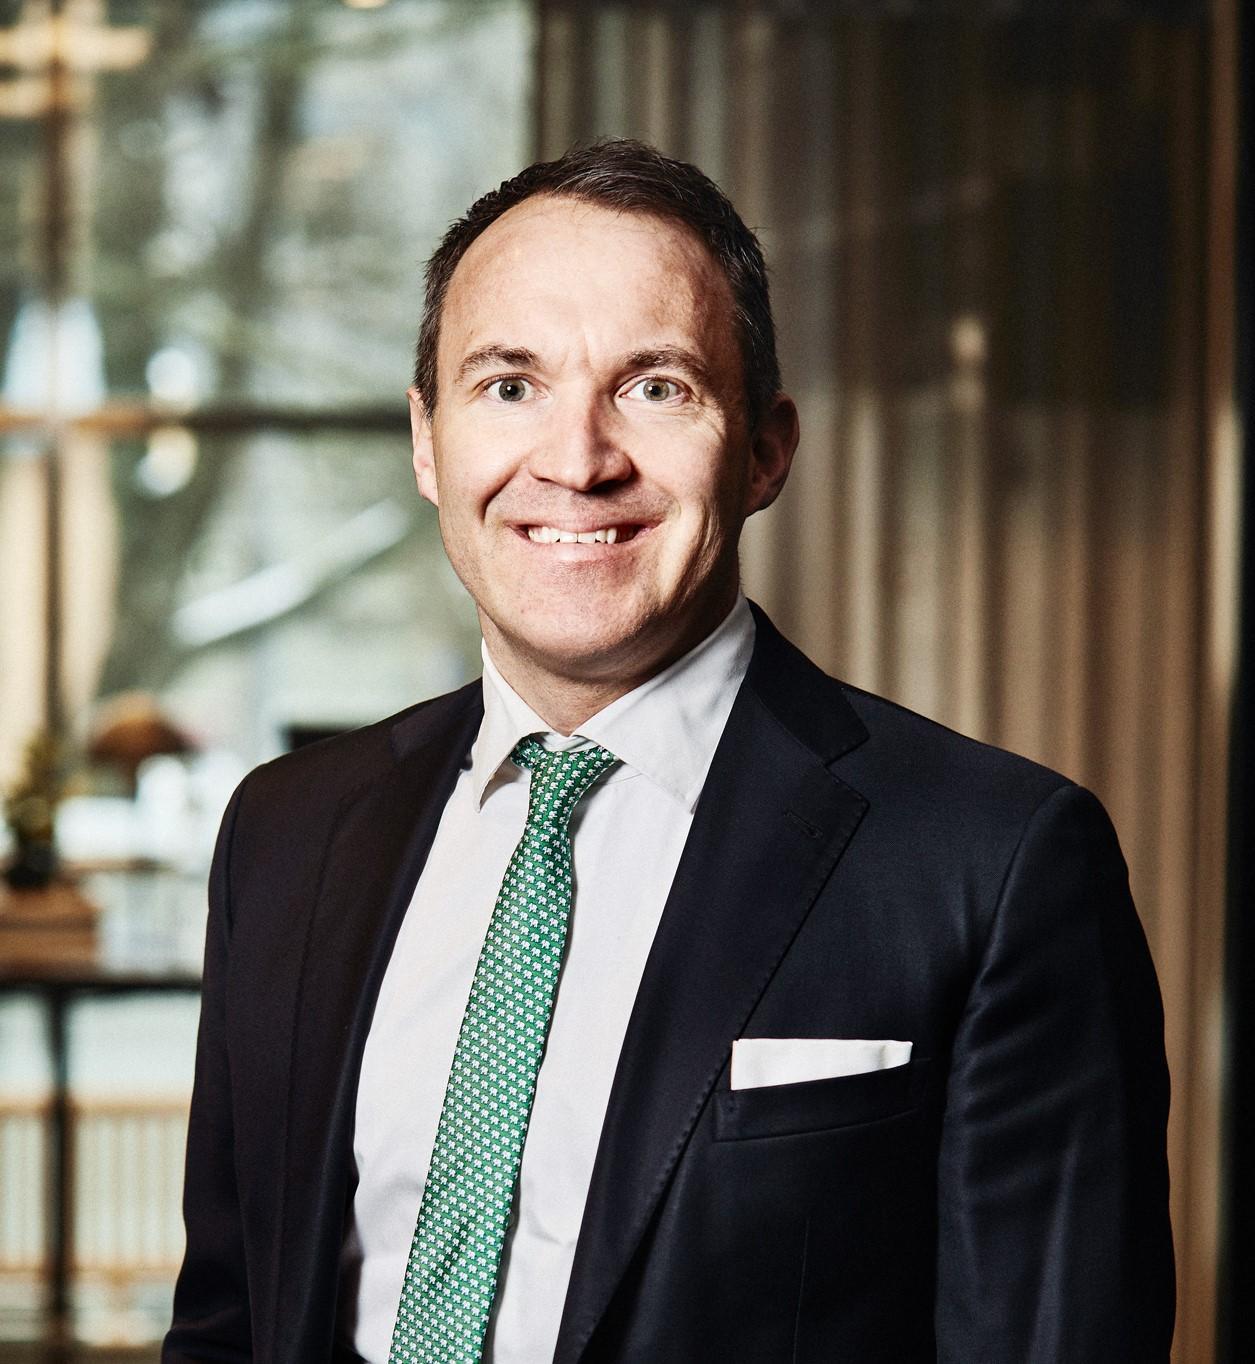 Skandiamäklarnas vd Andreas Moritz.